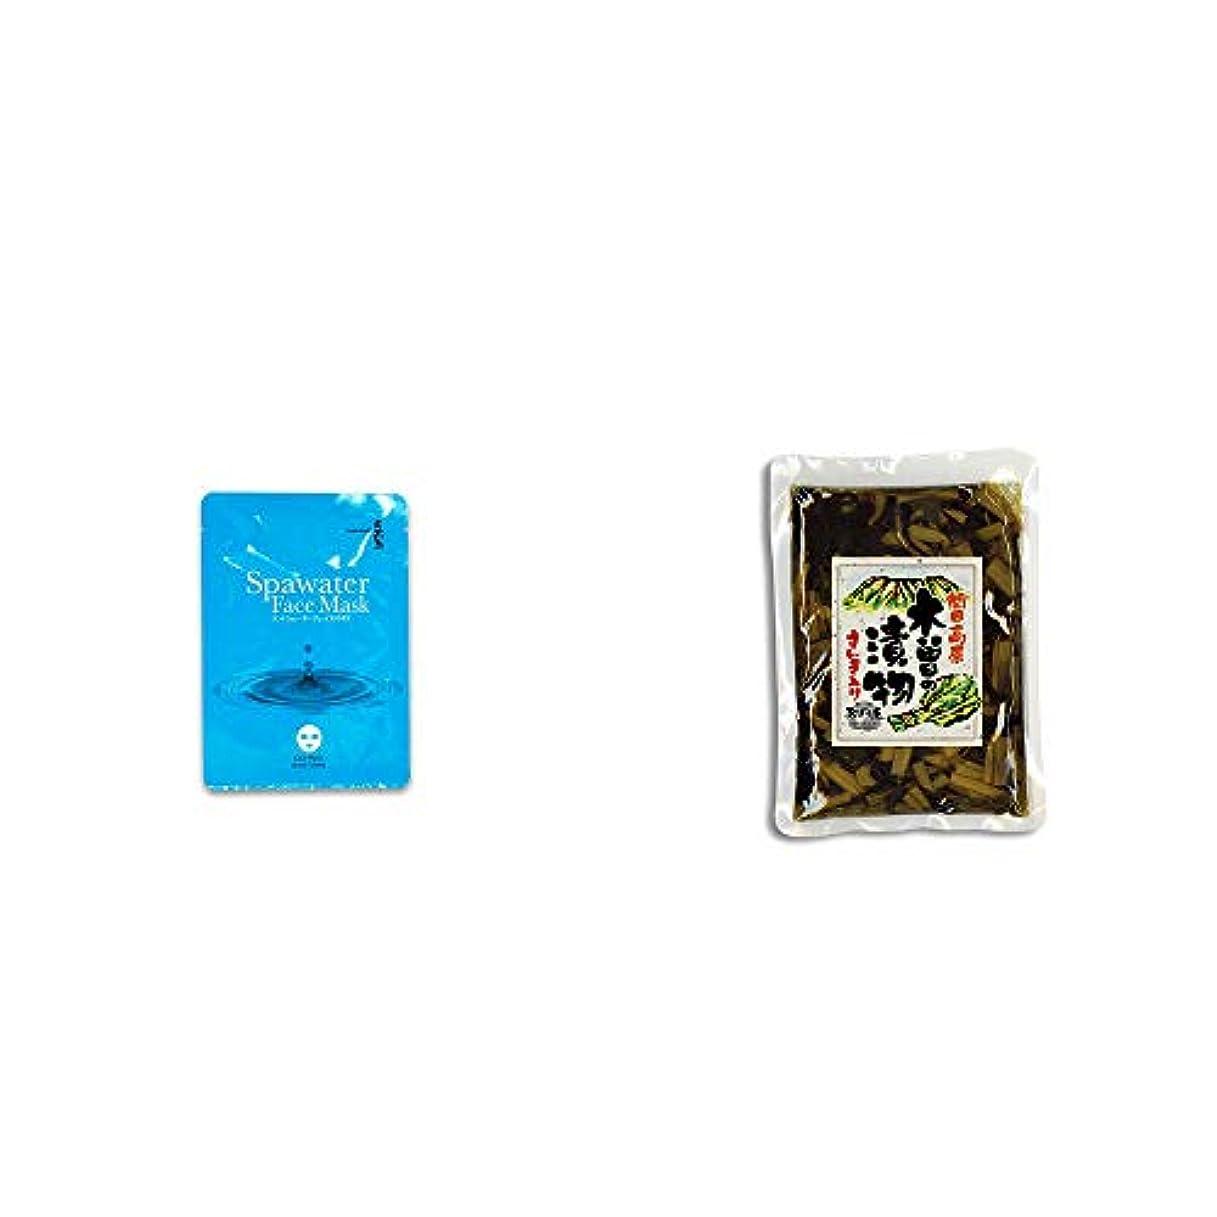 ほのか心理学ほうき[2点セット] ひのき炭黒泉 スパウォーターフェイスマスク(18ml×3枚入)?【年中販売】木曽の漬物 すんき入り(200g) / すんき漬け味付加工品 //